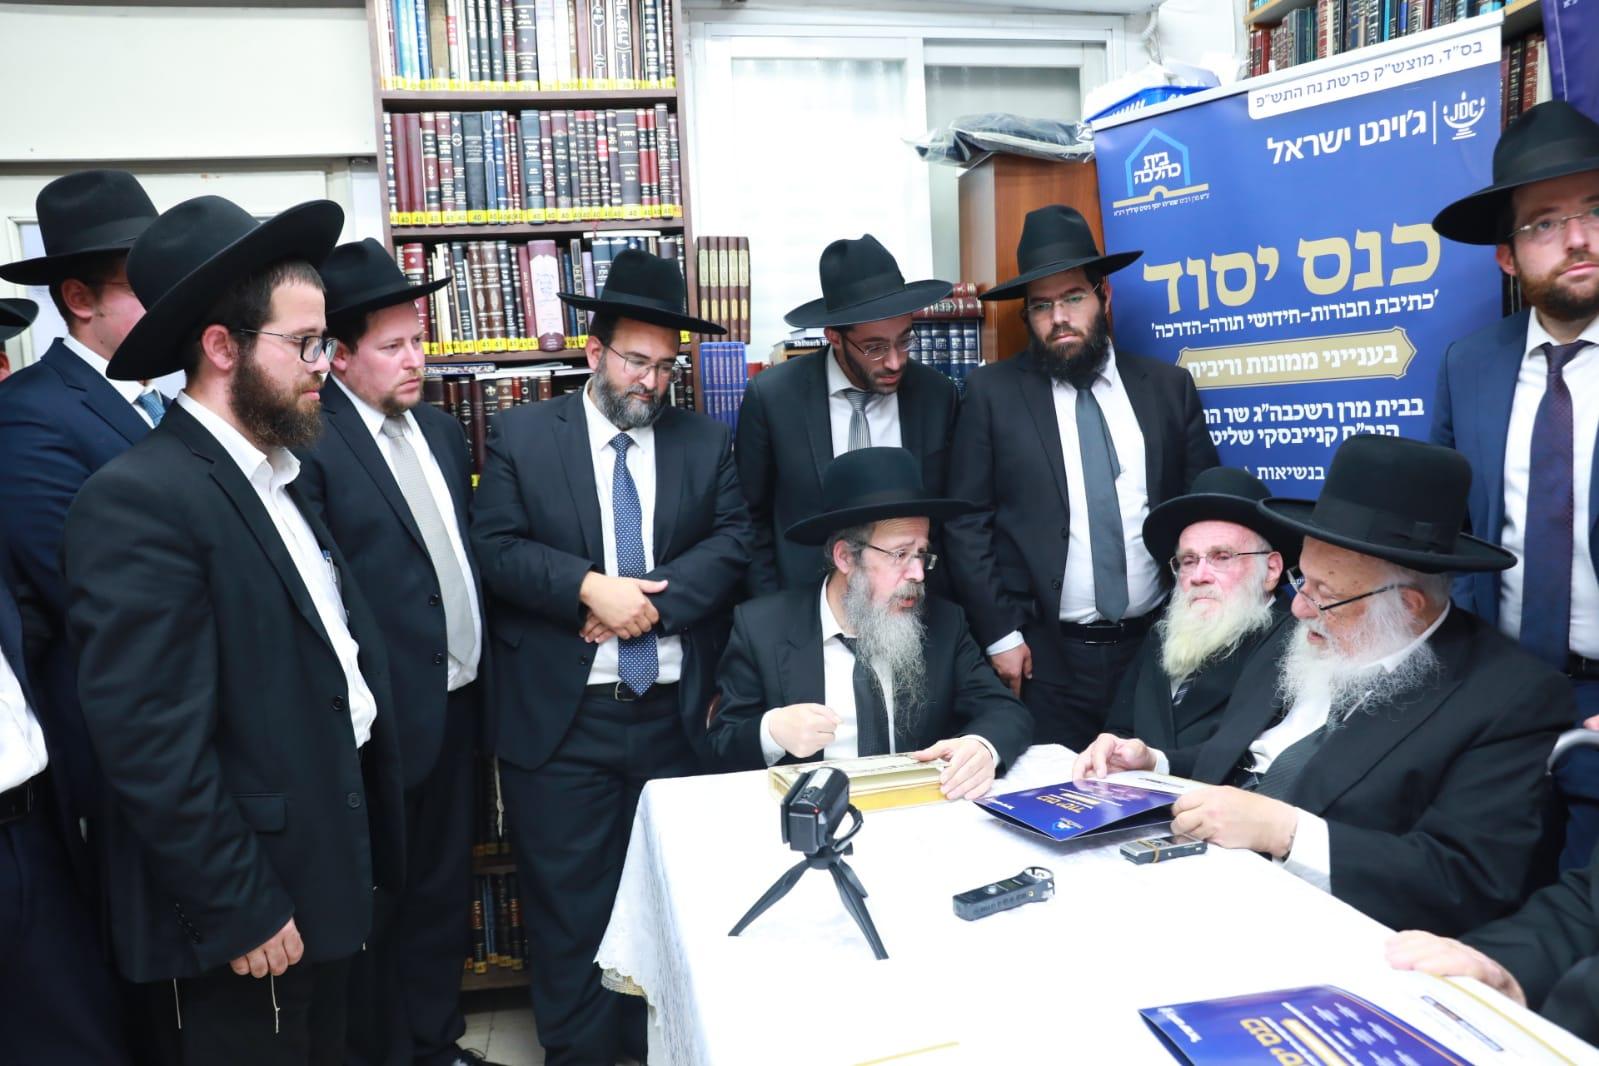 חברי נשיאות וועדת הרבנים בשיח הלכתי